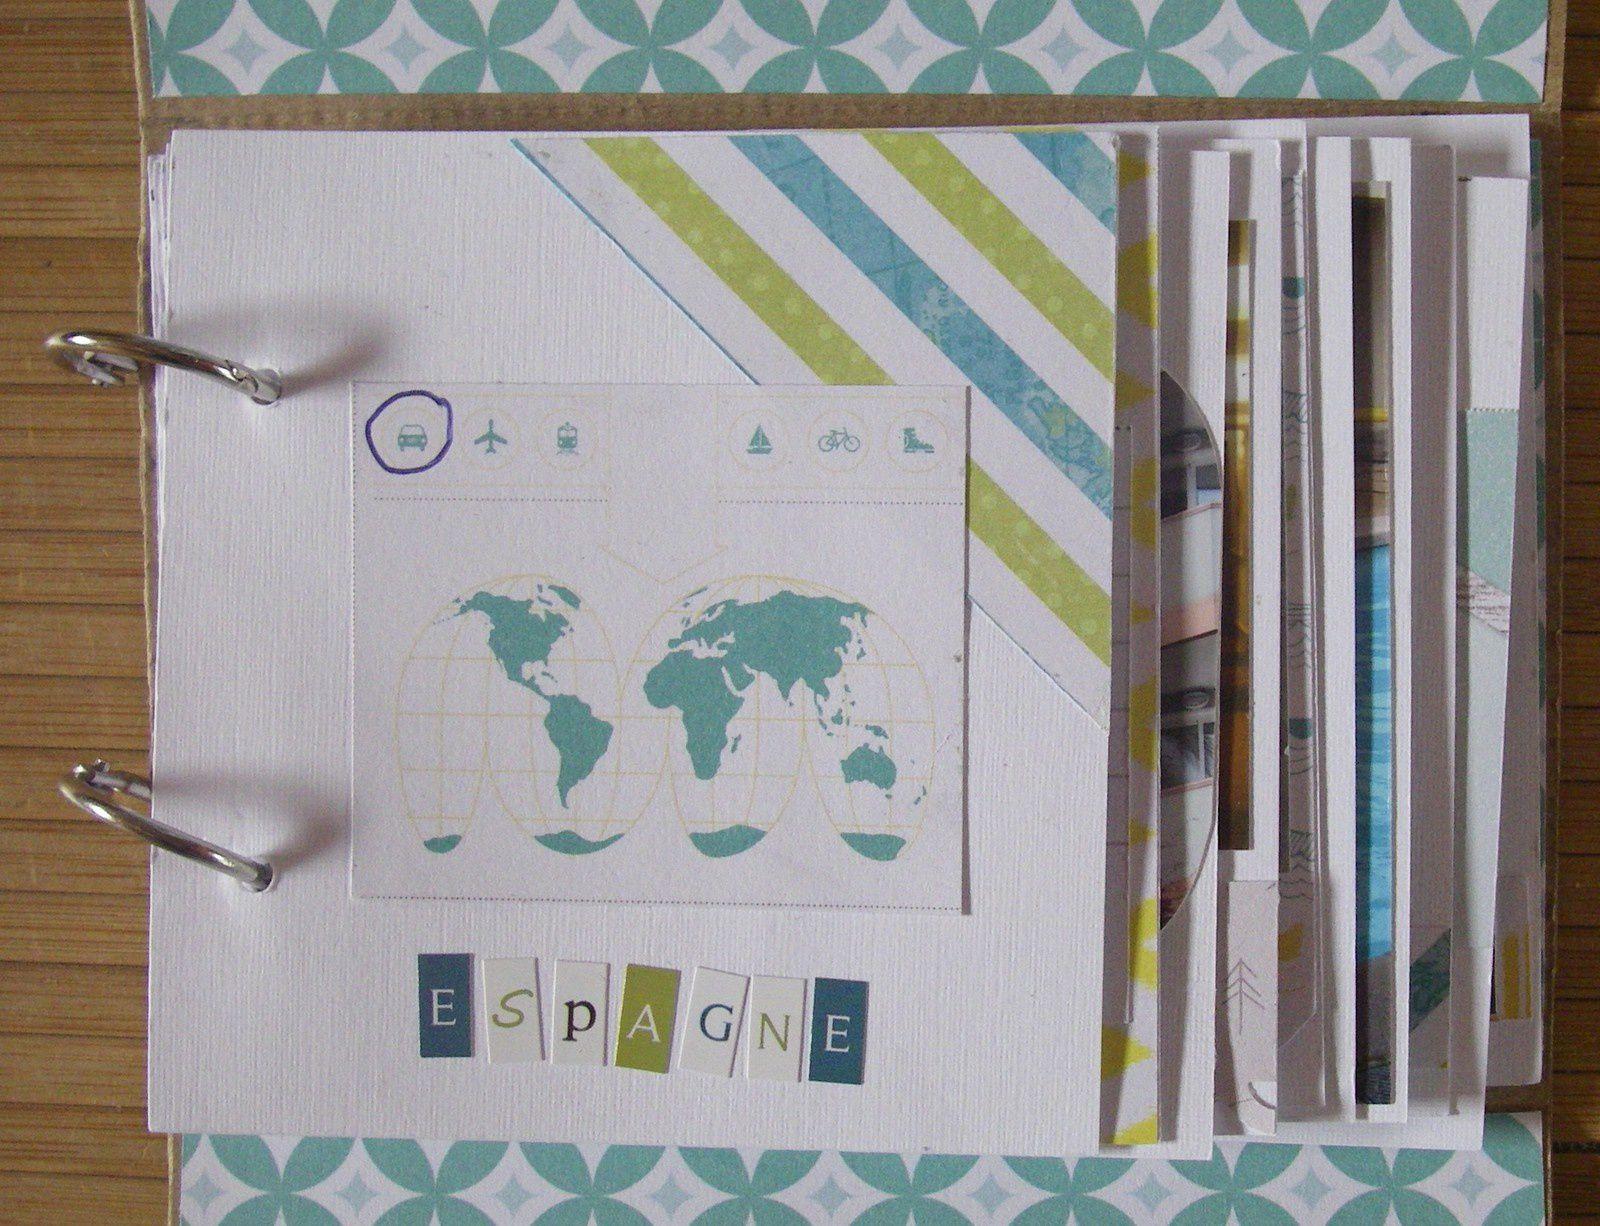 J'ai recoupé toutes mes photos. Les papiers et embellissements sont de la Marque Studio Calico, le carton ondulé de Toga, et quelques étiquettes Swirlcards.